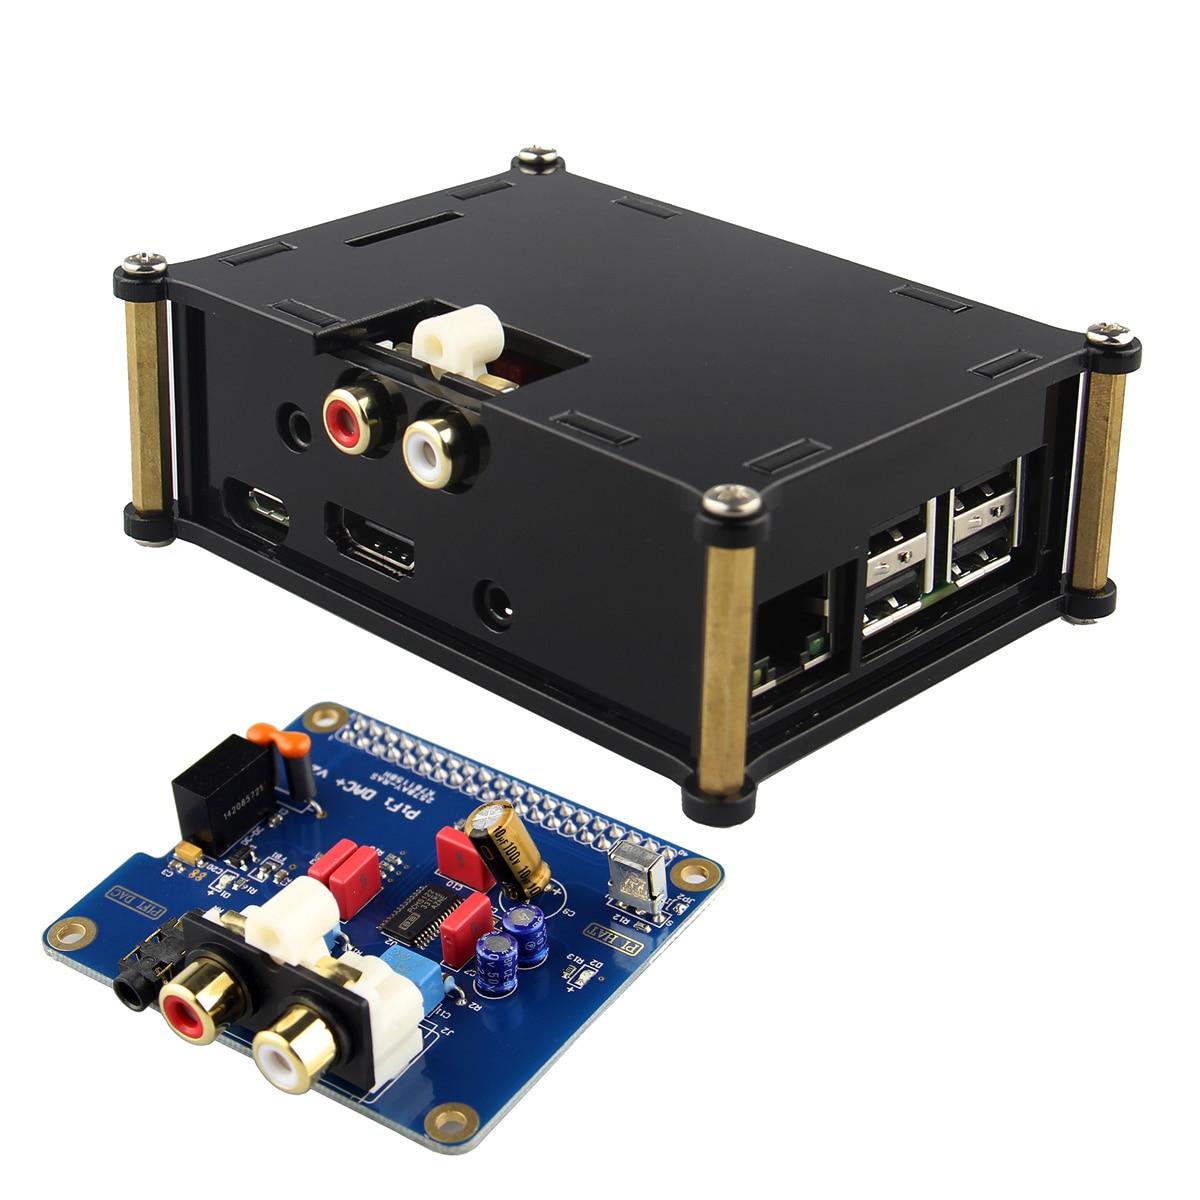 LEORY Numérique Audio Carte Favoris HIFI DAC + Avec Cas Pour Raspberry Pi 2 Modèle B/B +/ UN + Volumio système